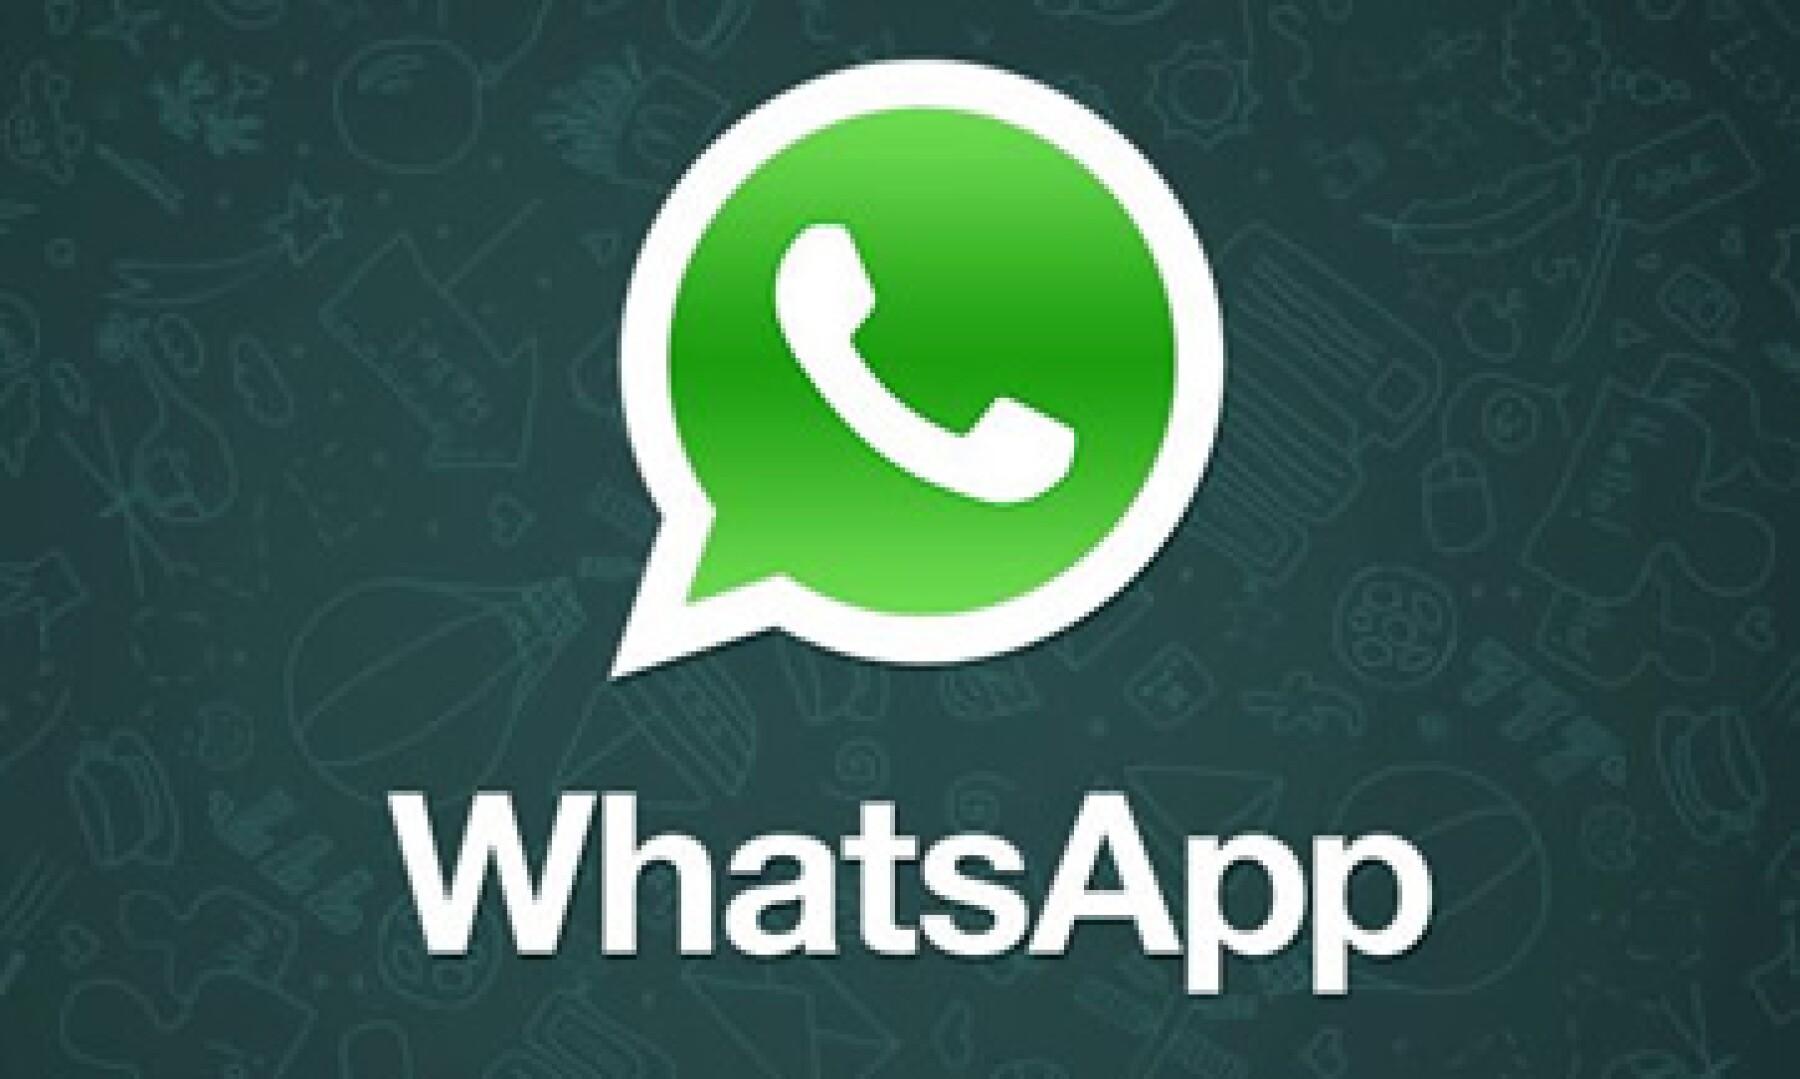 WhatsApp ha acumulado 450 millones de usuarios en poco más de cuatro años.(Foto: Tomada de Facebook.com/whatsapp.official)